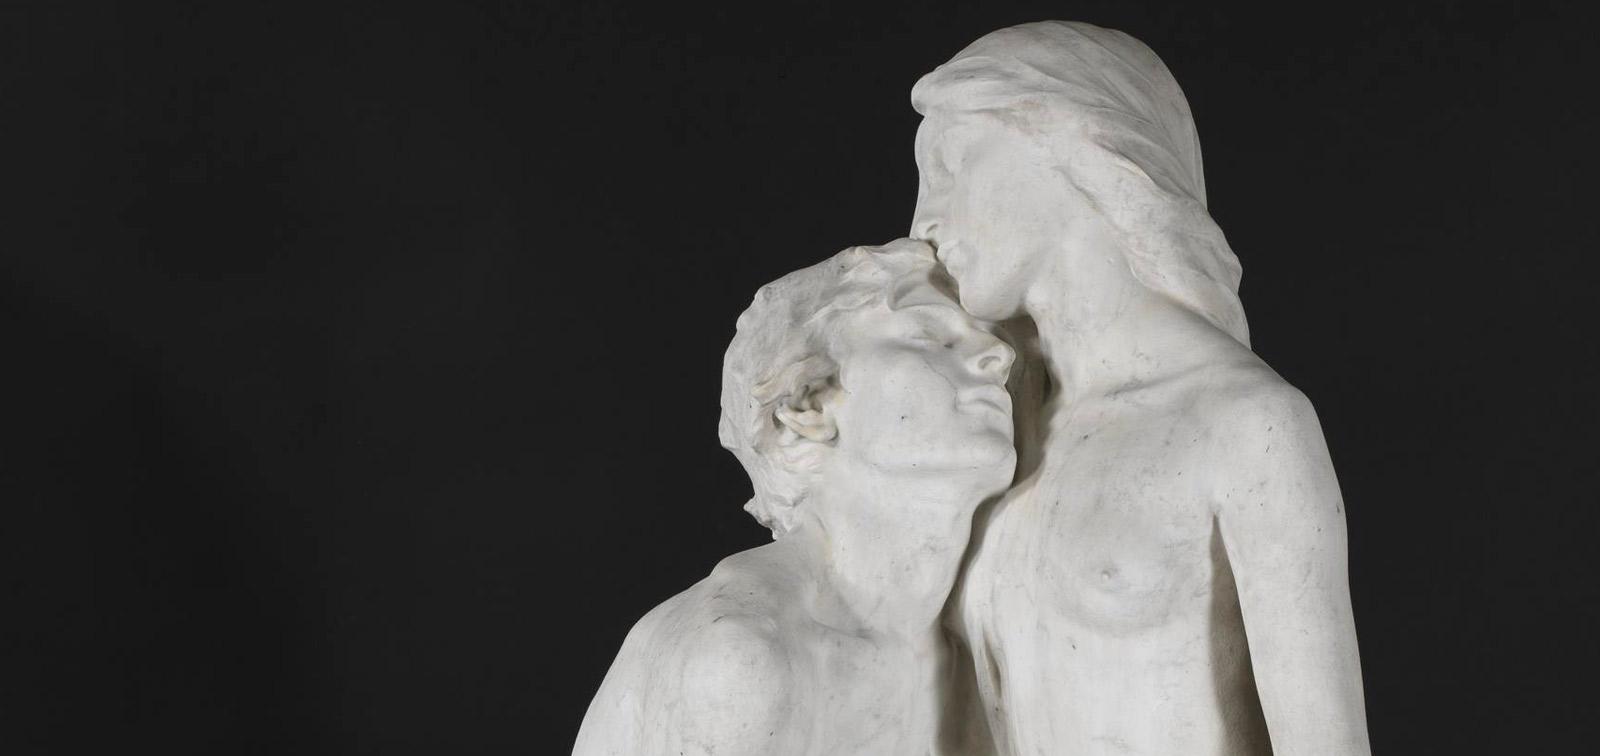 Solidez y belleza. Miguel Blay en el Museo del Prado